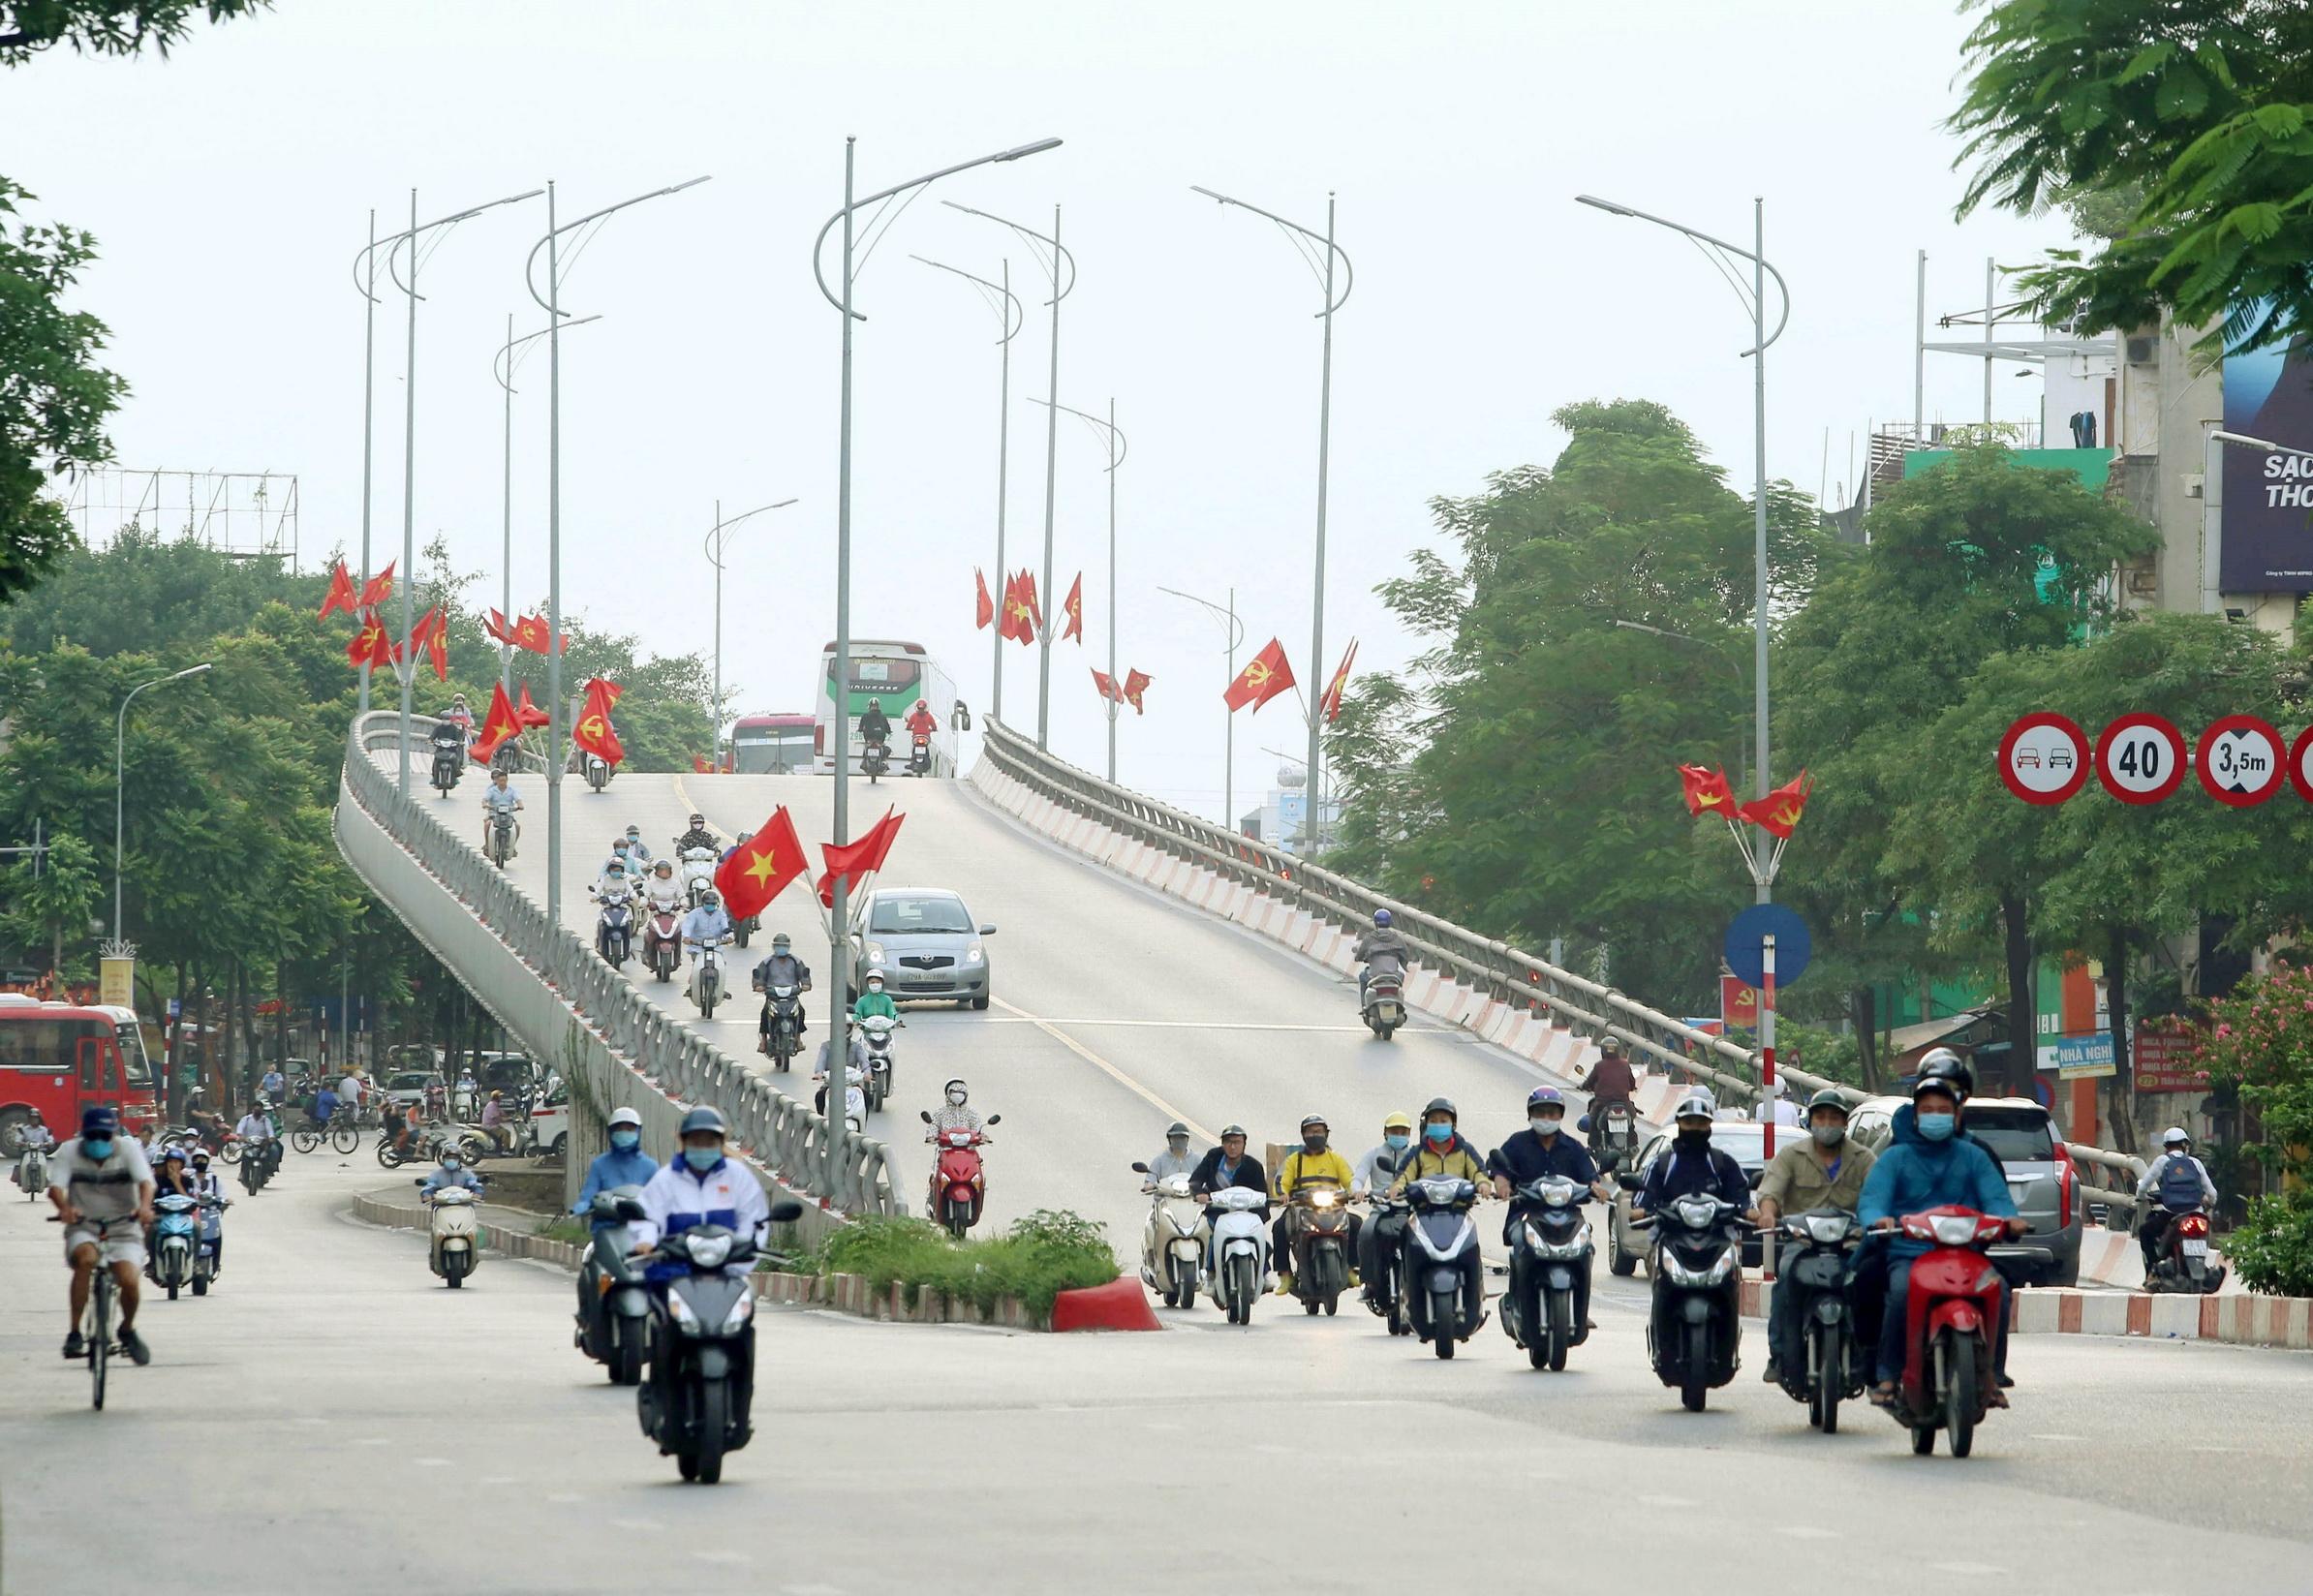 Cầu vượt Trần Khát Chân rực rỡ cờ chào mừng 1010 năm Thăng Long-Hà Nội. (Ảnh: Hoàng Hiếu/TTXVN)